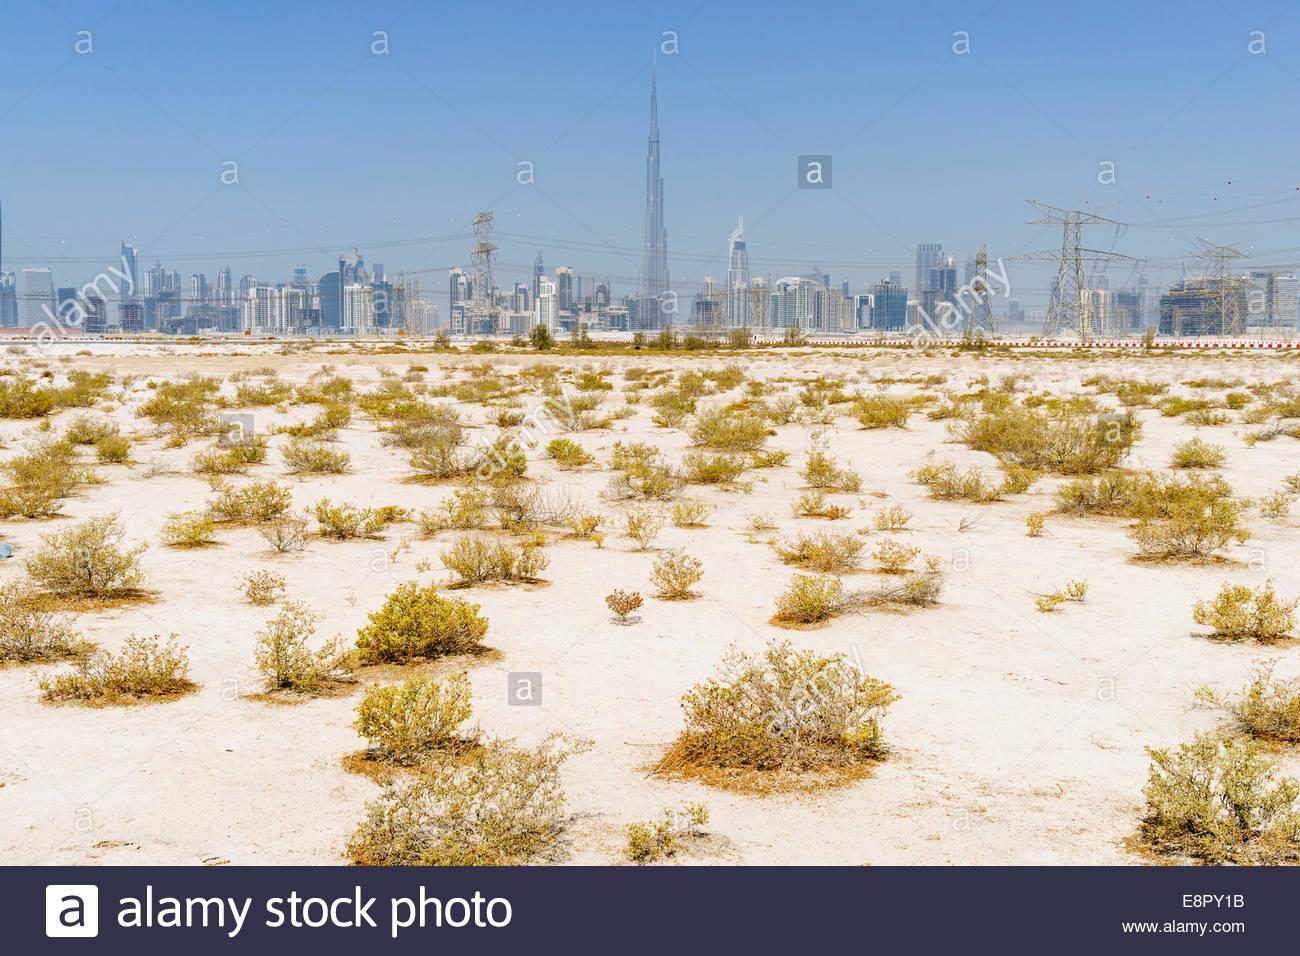 Skyline der Wolkenkratzer Burj Khalifa aus der Wüste in Dubai Vereinigte Arabische Emirate Stockbild